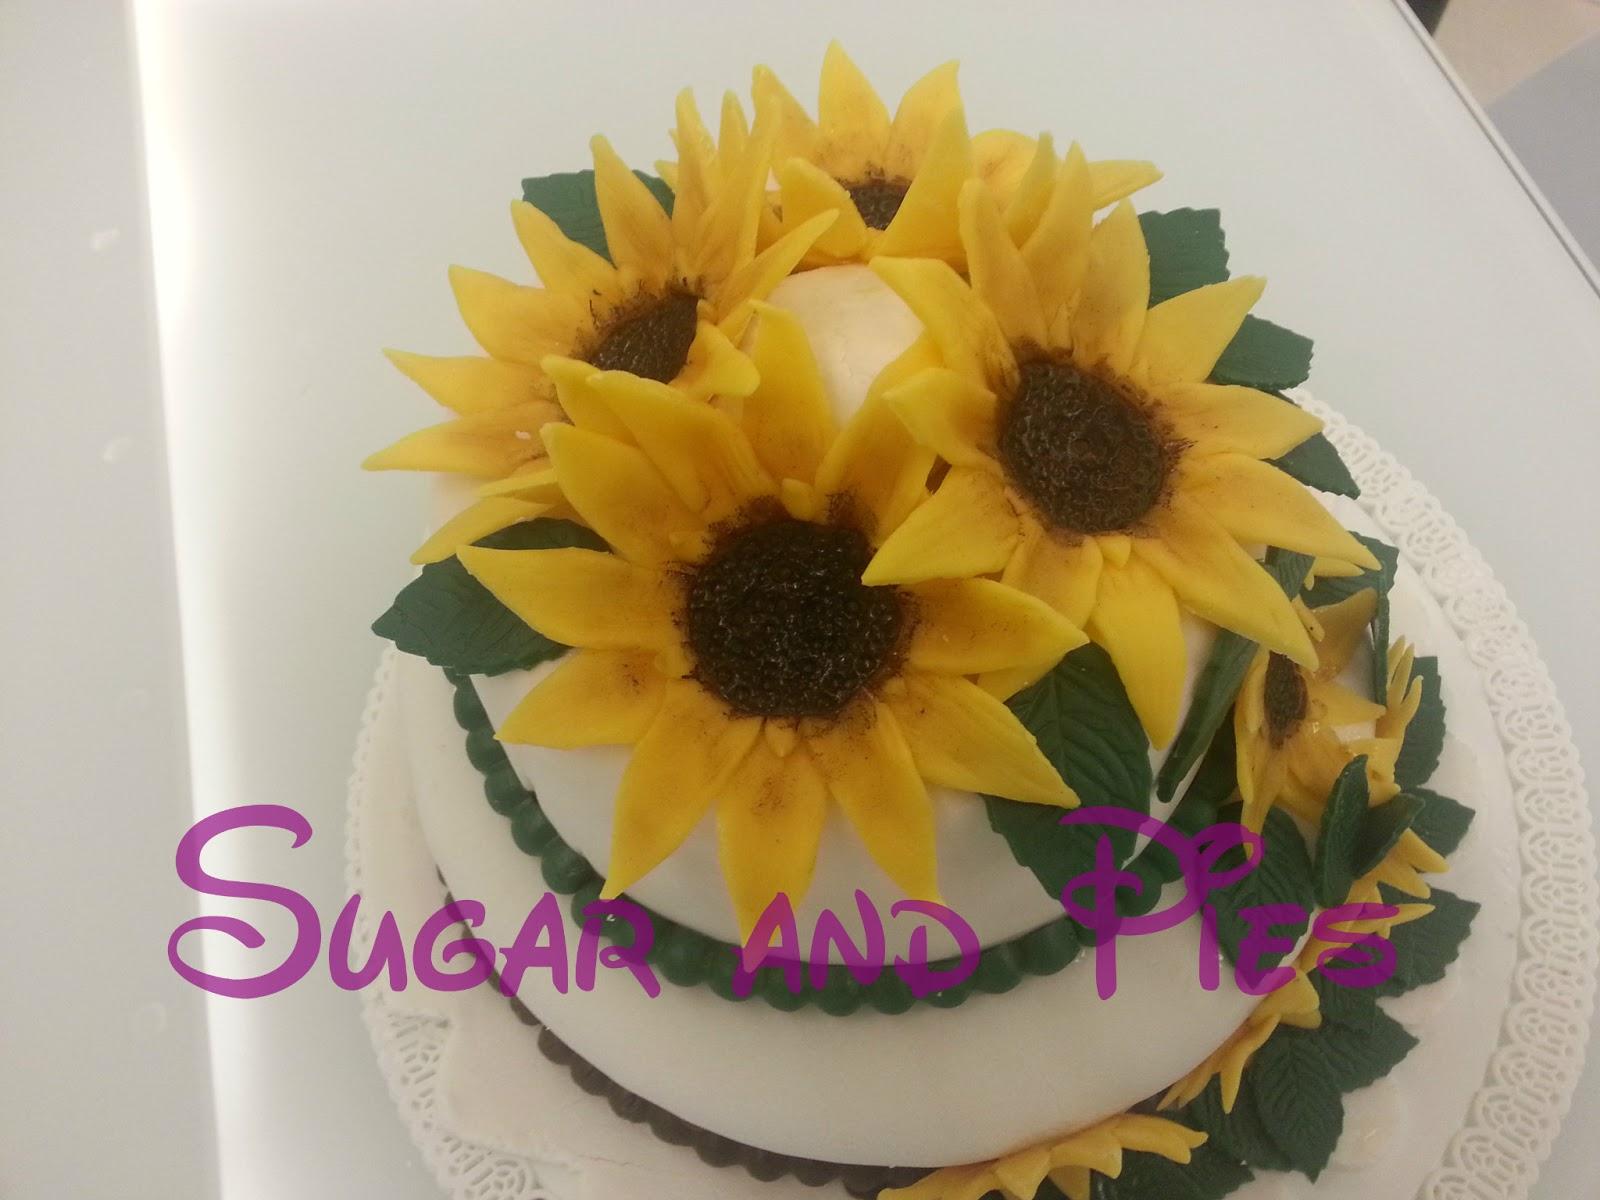 Torta Matrimonio Girasoli : Sugar and pies una torta con i miei girasoli